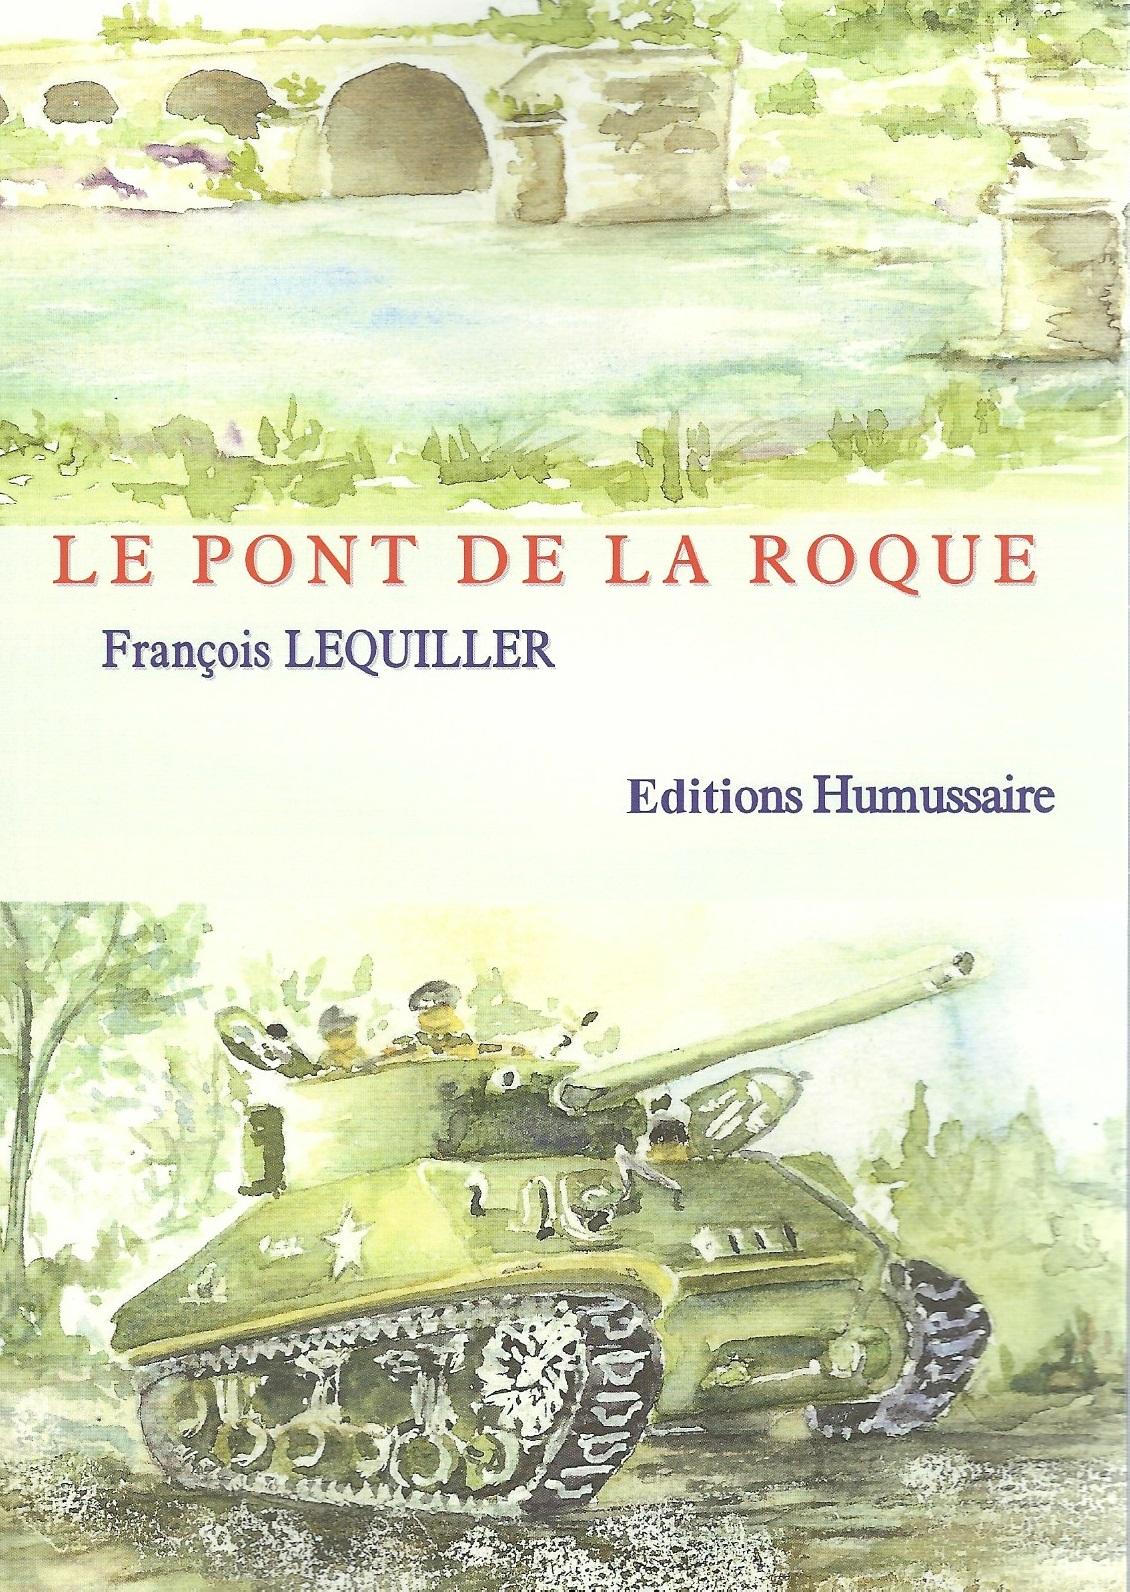 LE PONT DE LA ROQUE - François LEQUILLER